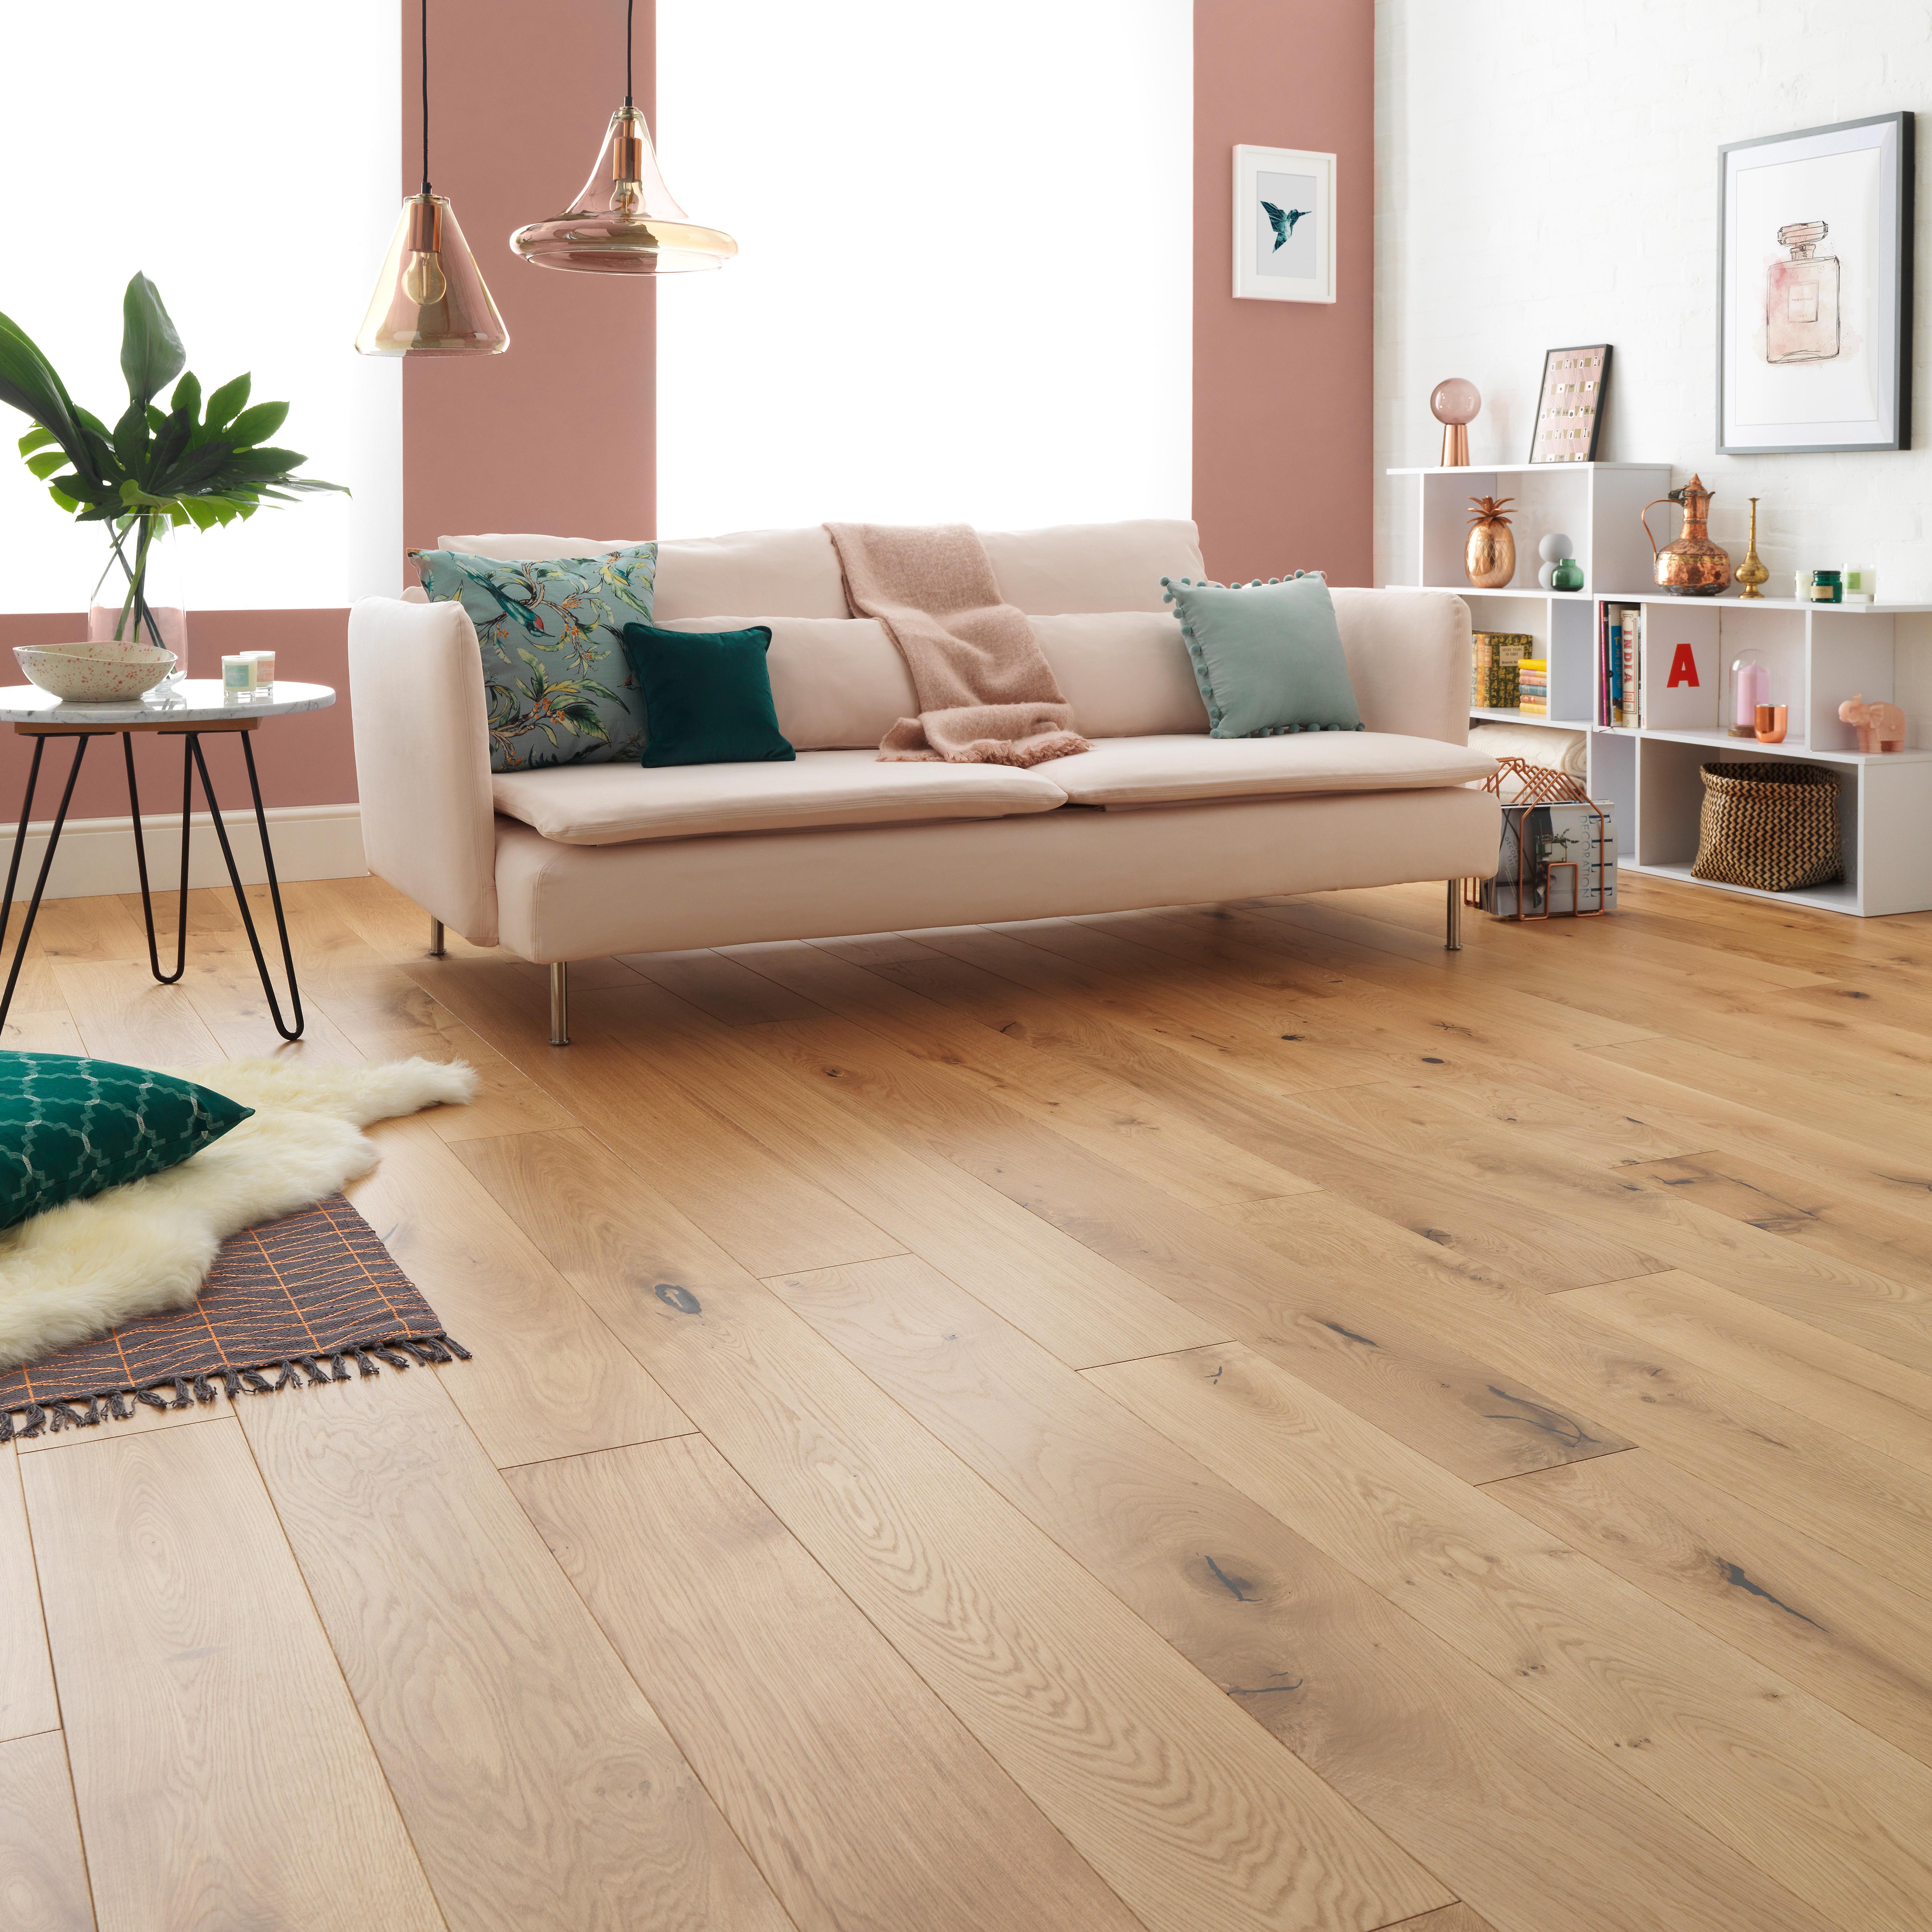 wide plank flooring harlech rustic oak